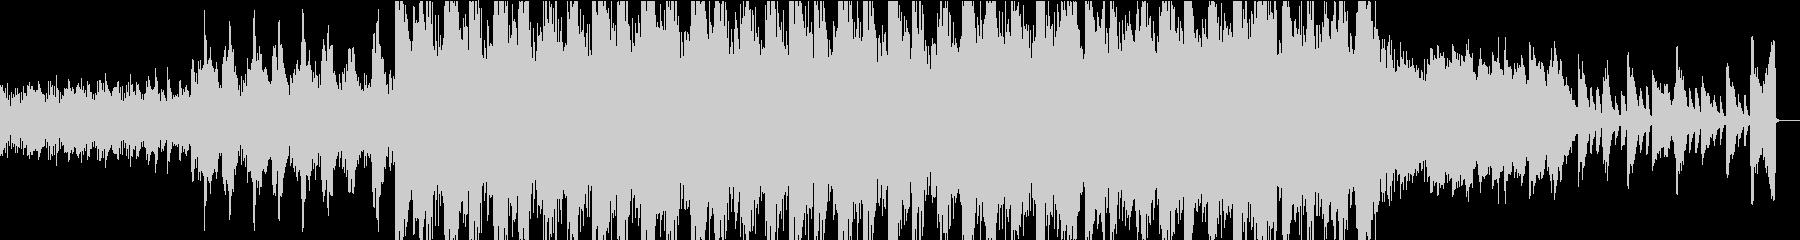 不安にさせるホラー/サスペンス用テーマ曲の未再生の波形